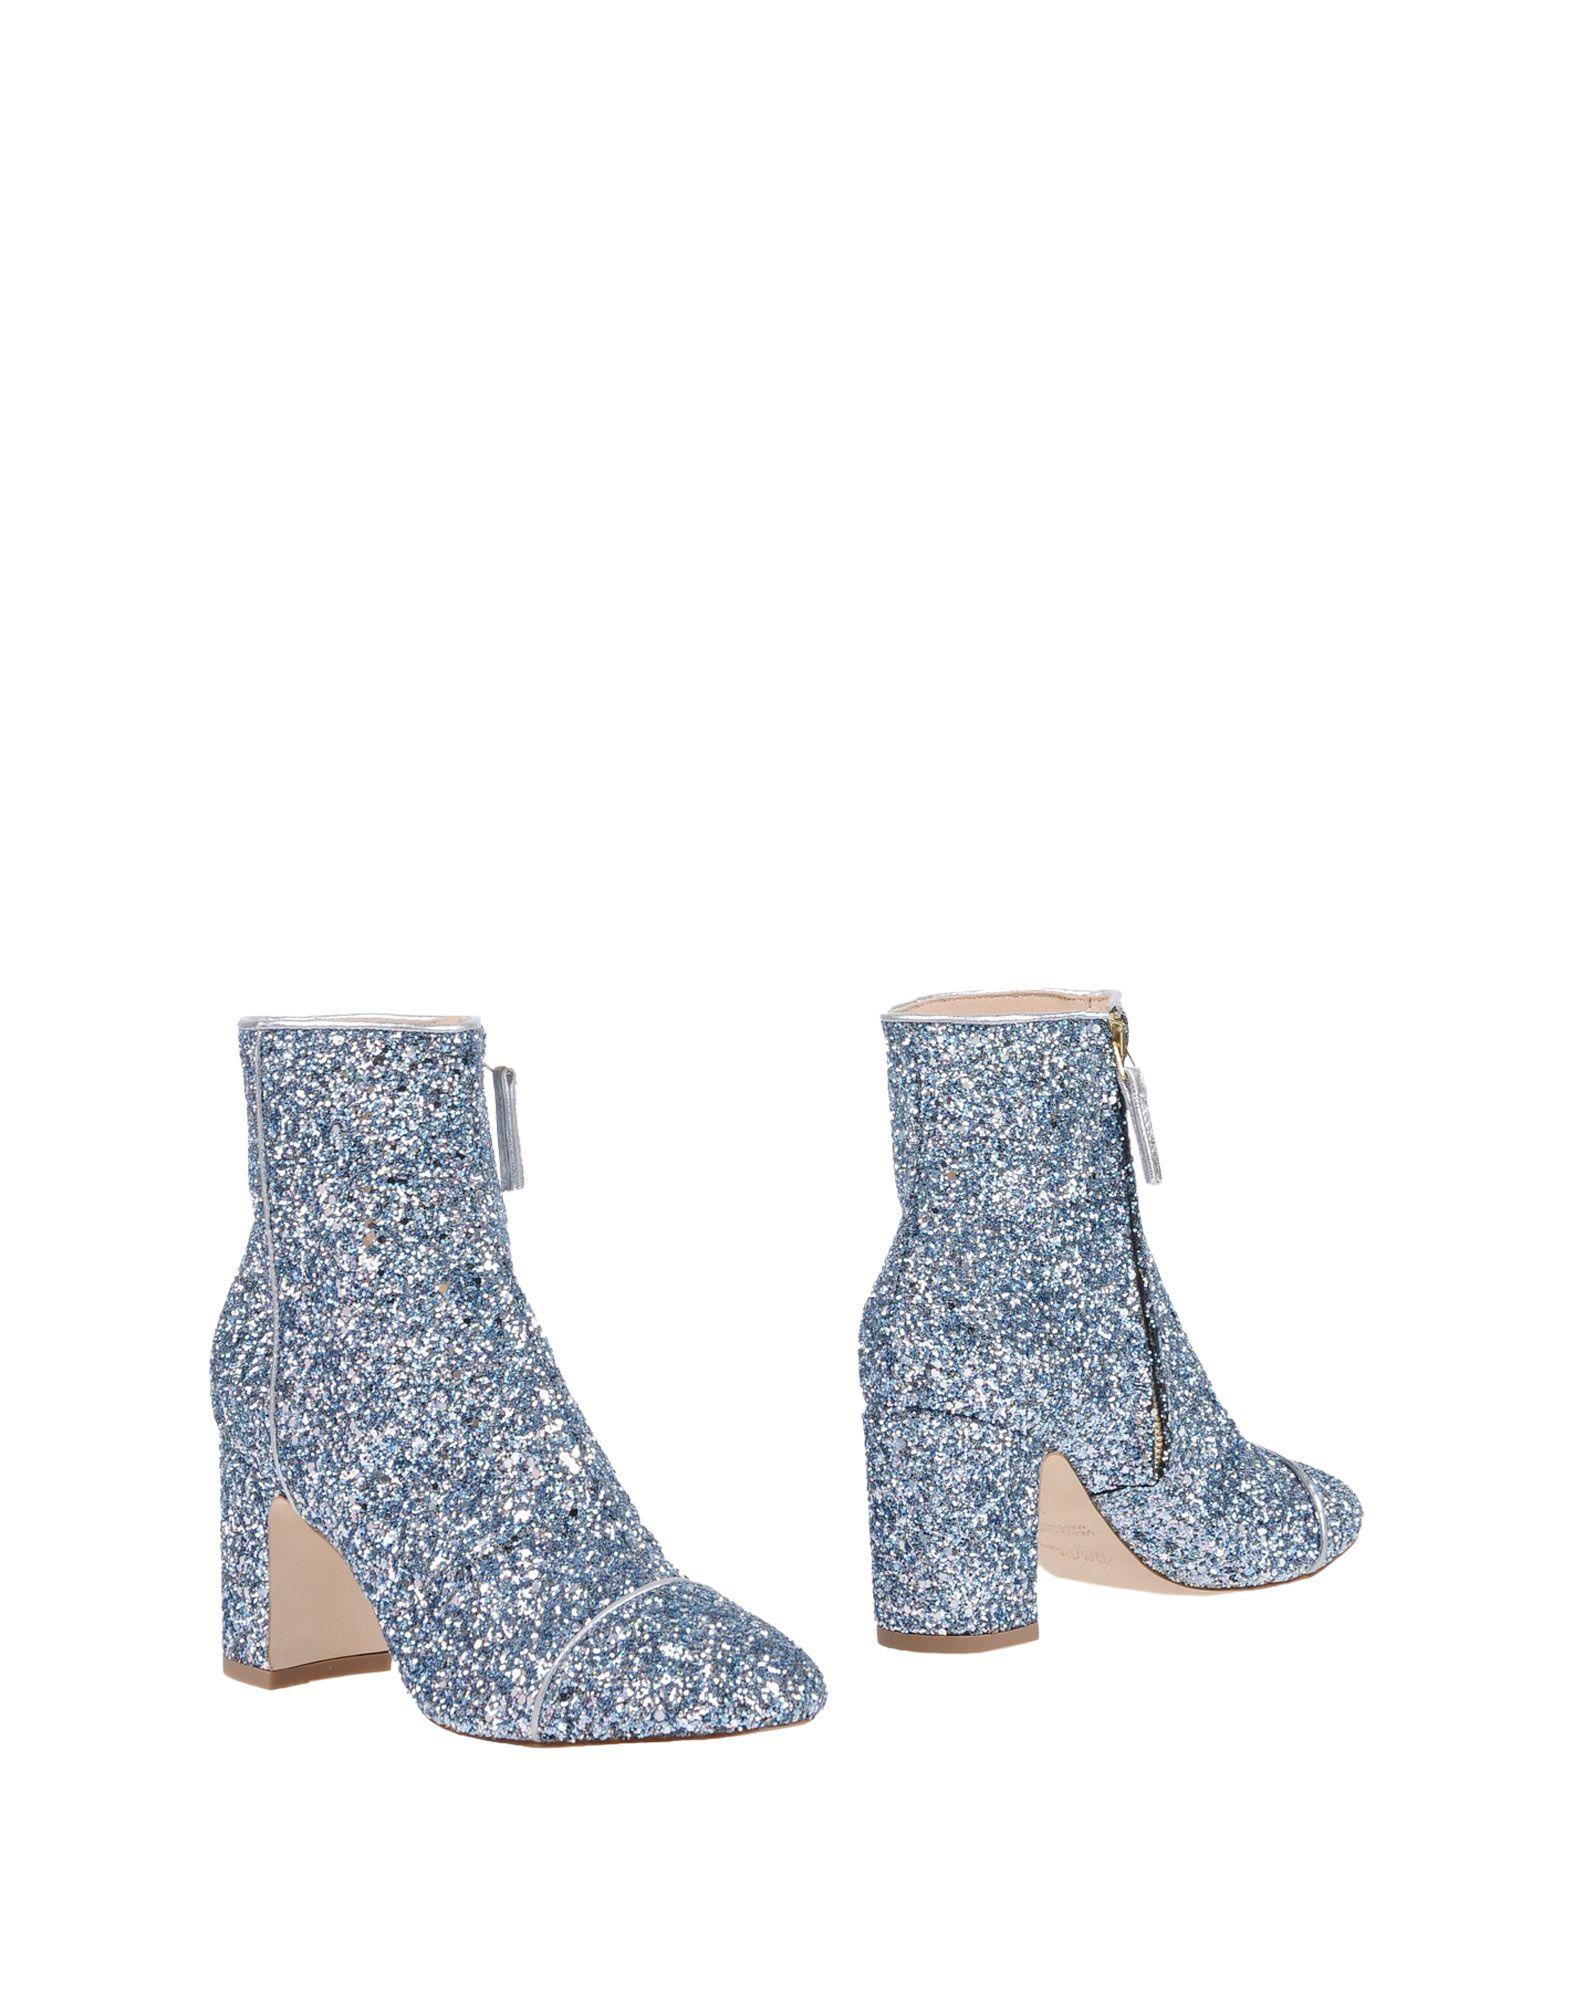 Bottine Polly Plume Femme - Bottines Polly Plume Bleu pétrole Les chaussures les plus populaires pour les hommes et les femmes